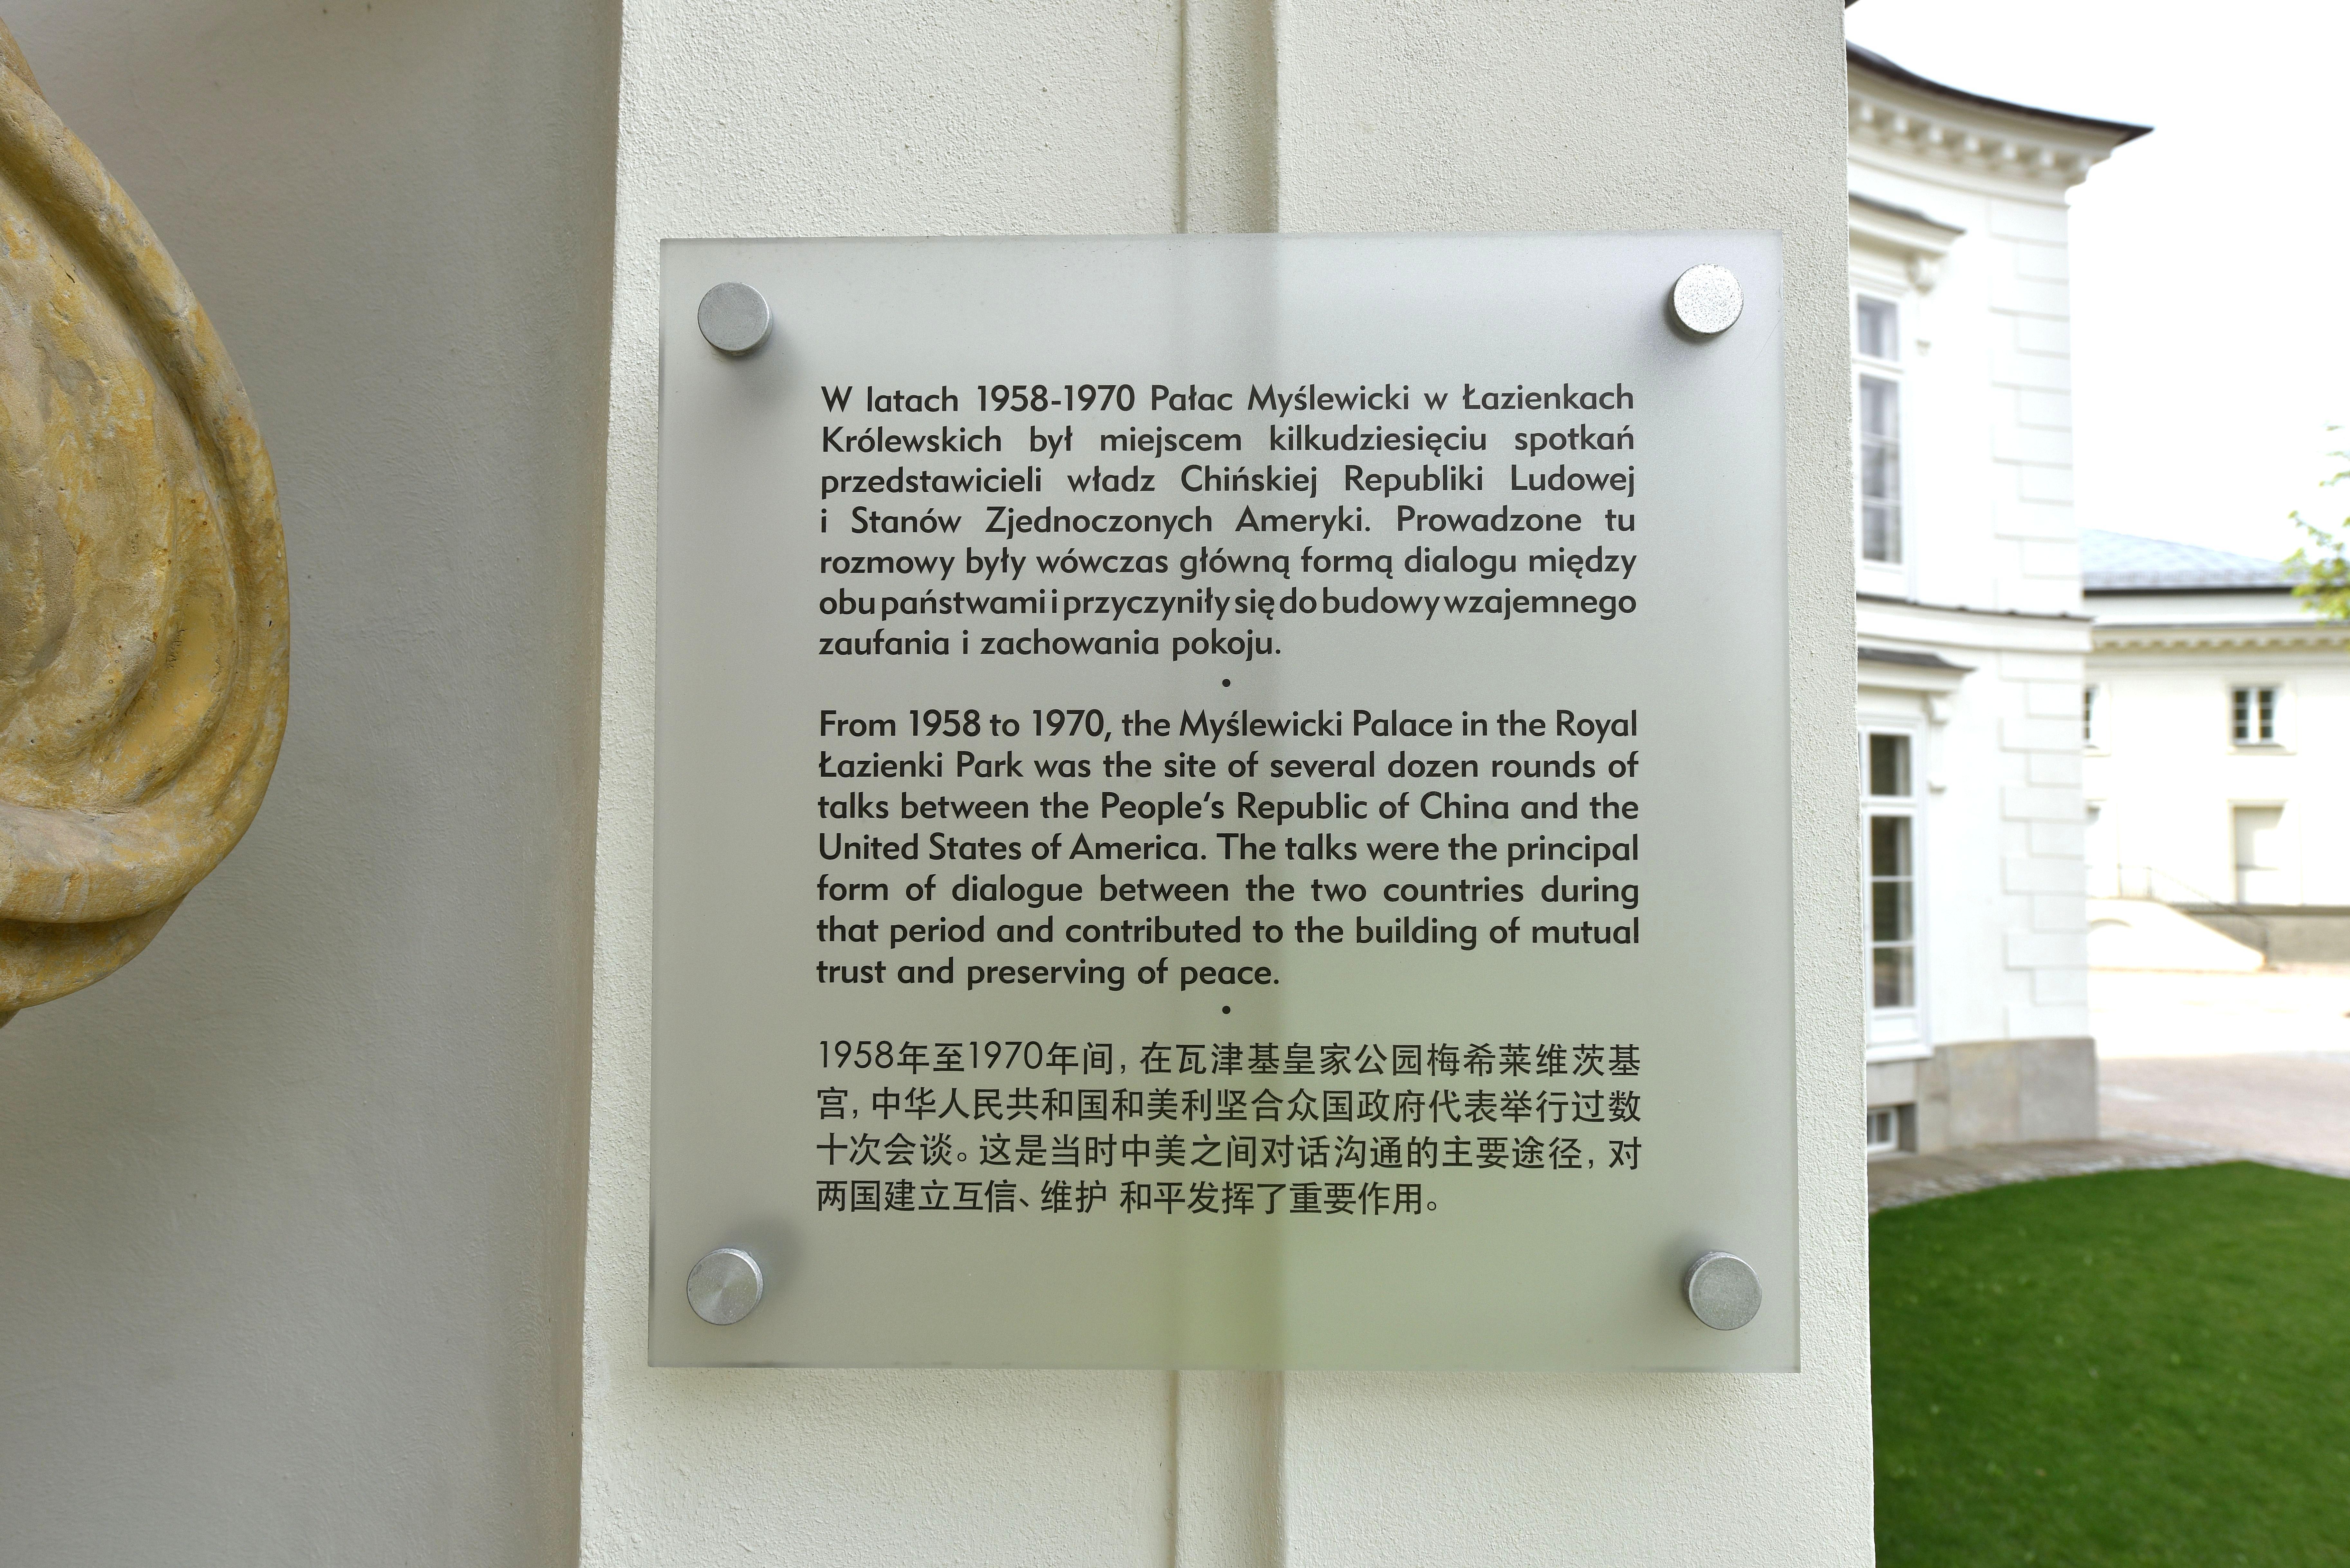 Pliktablica Pałac Myślewicki łazienki Królewskie W